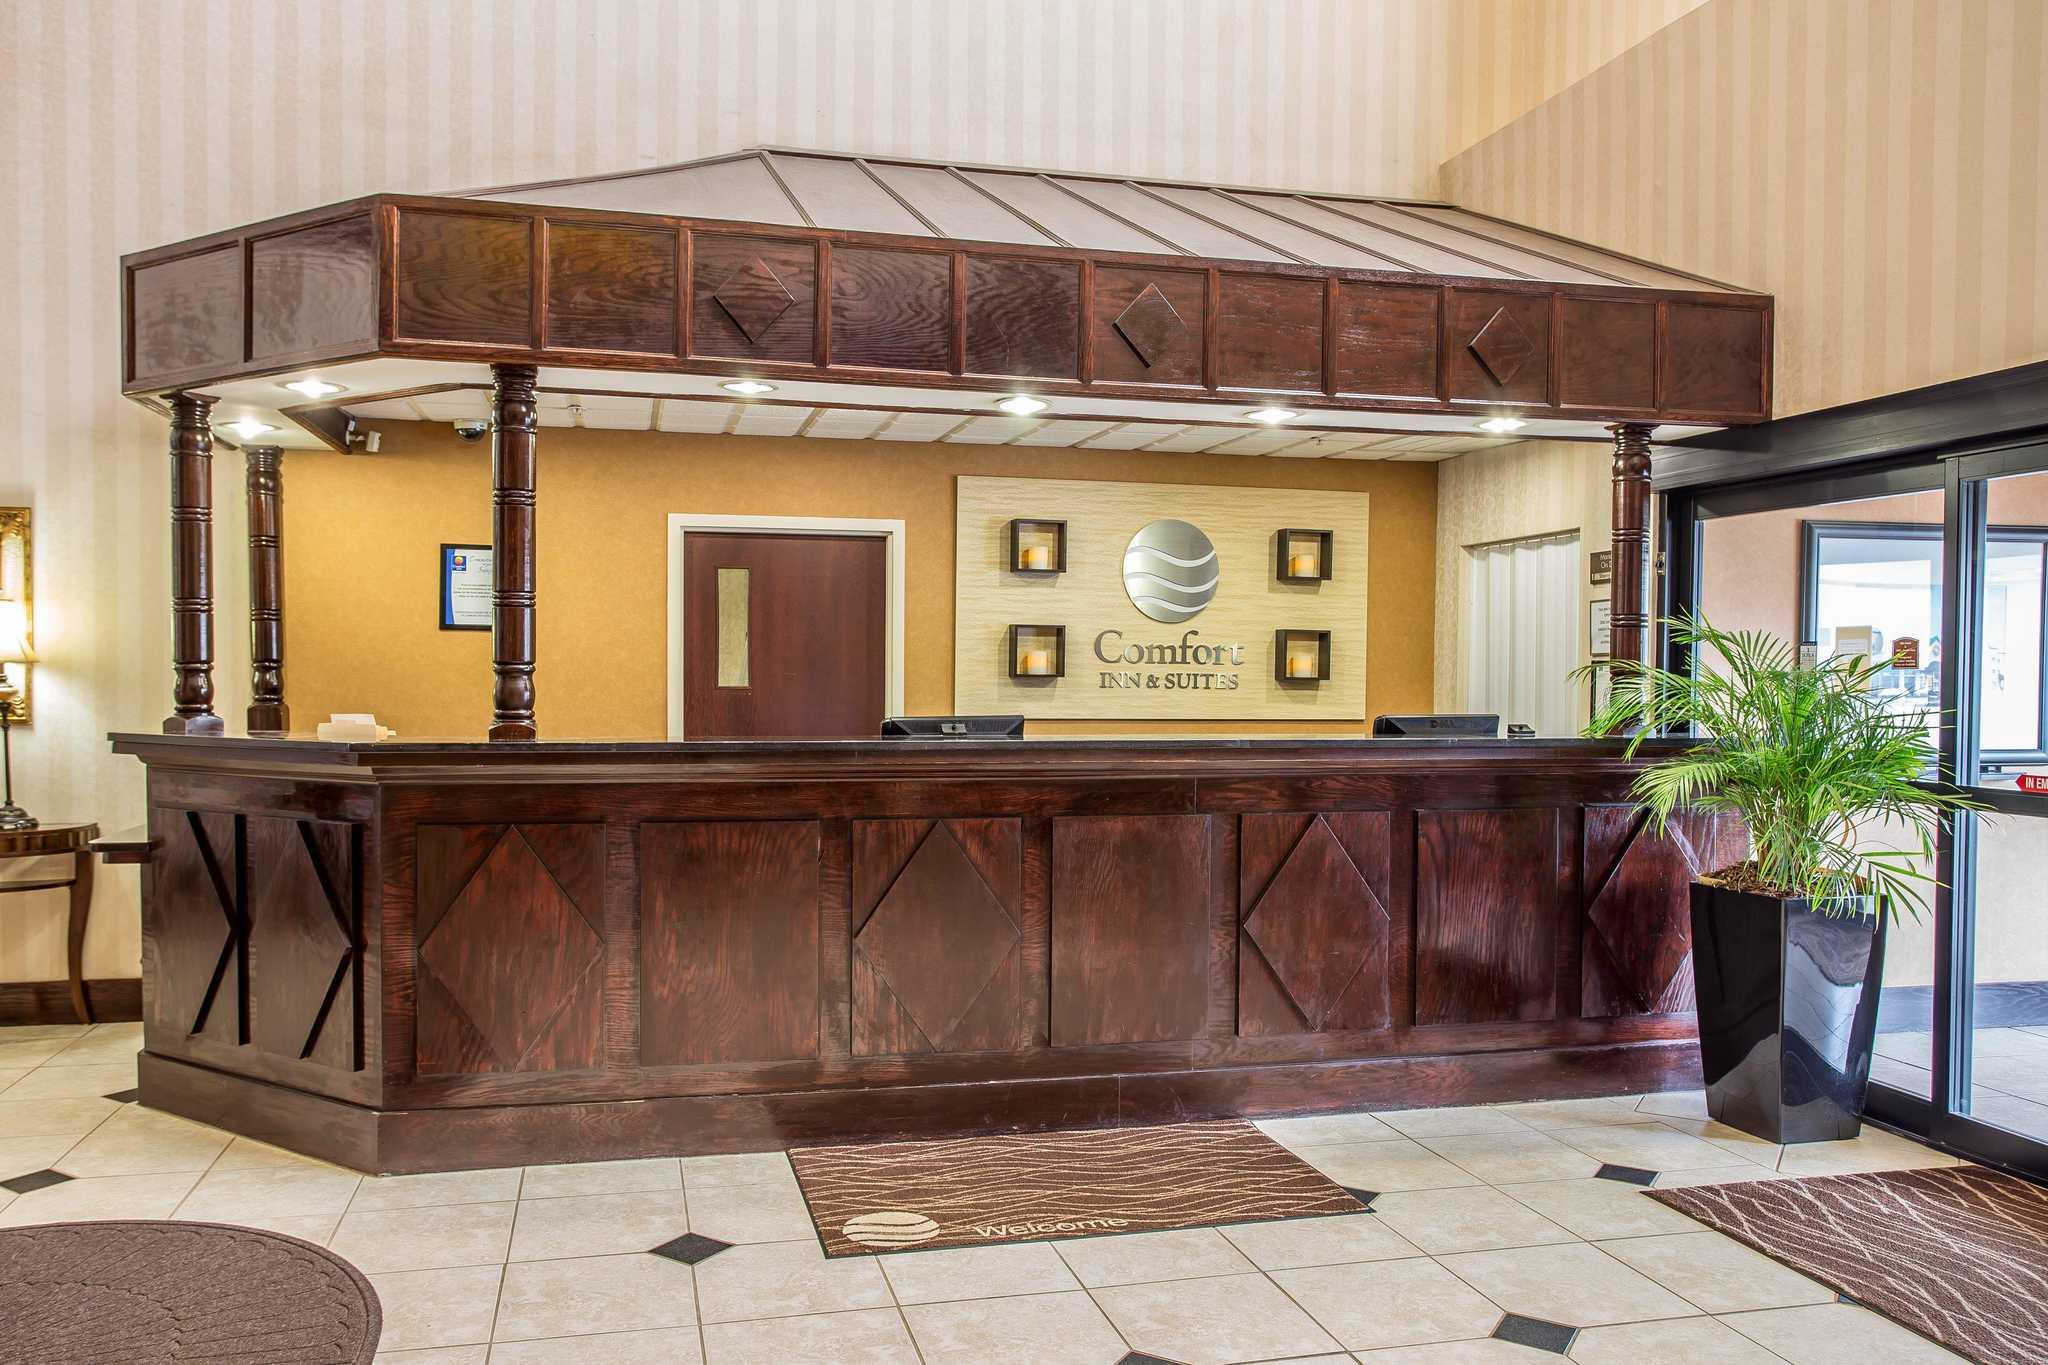 Comfort Inn & Suites Ft.Jackson Maingate image 15